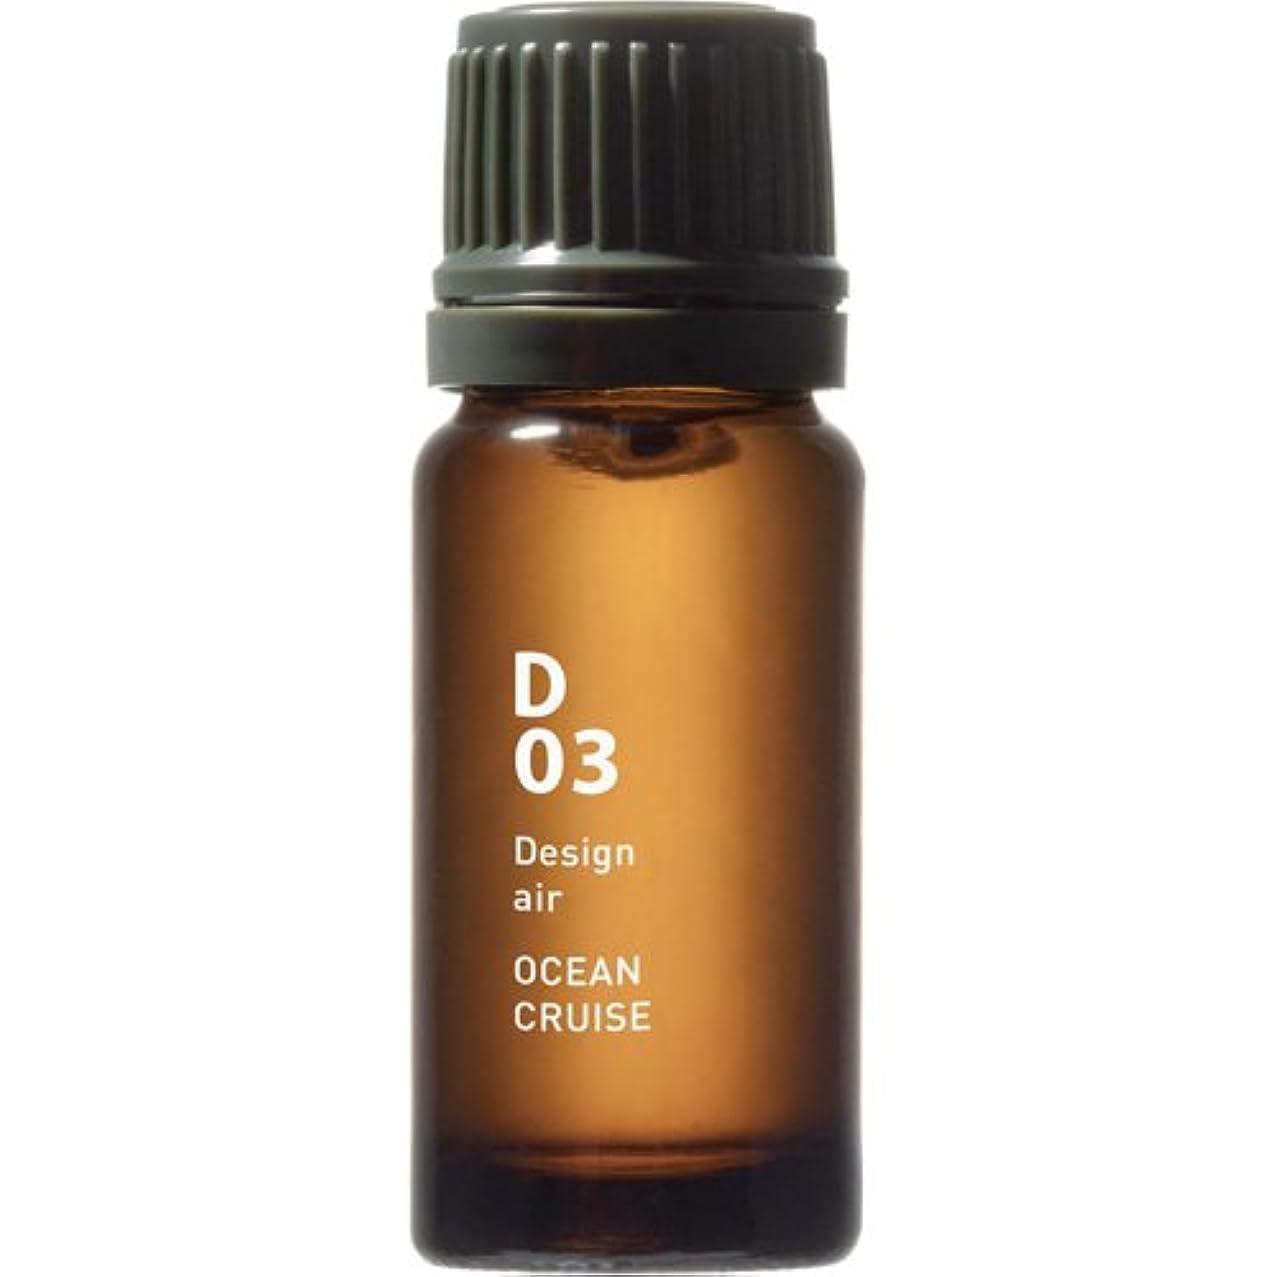 承認する欠点苦痛D03 OCEAN CRUISE Design air 10ml